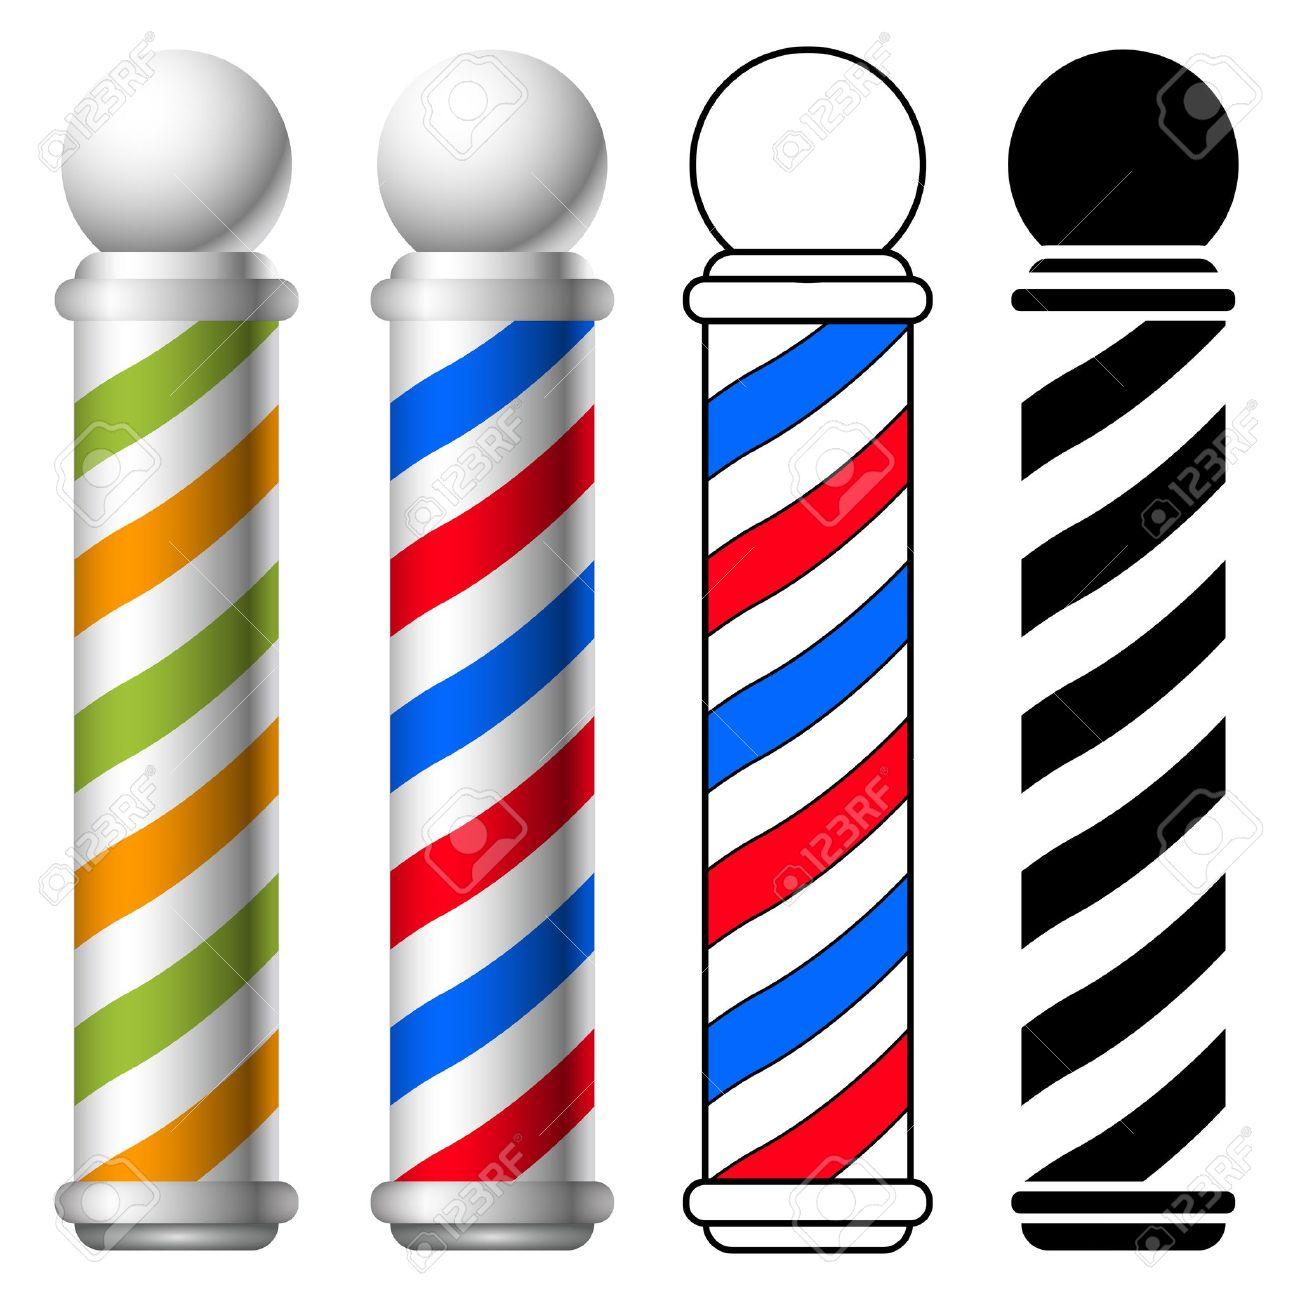 illustration of barber shop pole set. Stock Vector - 20335648